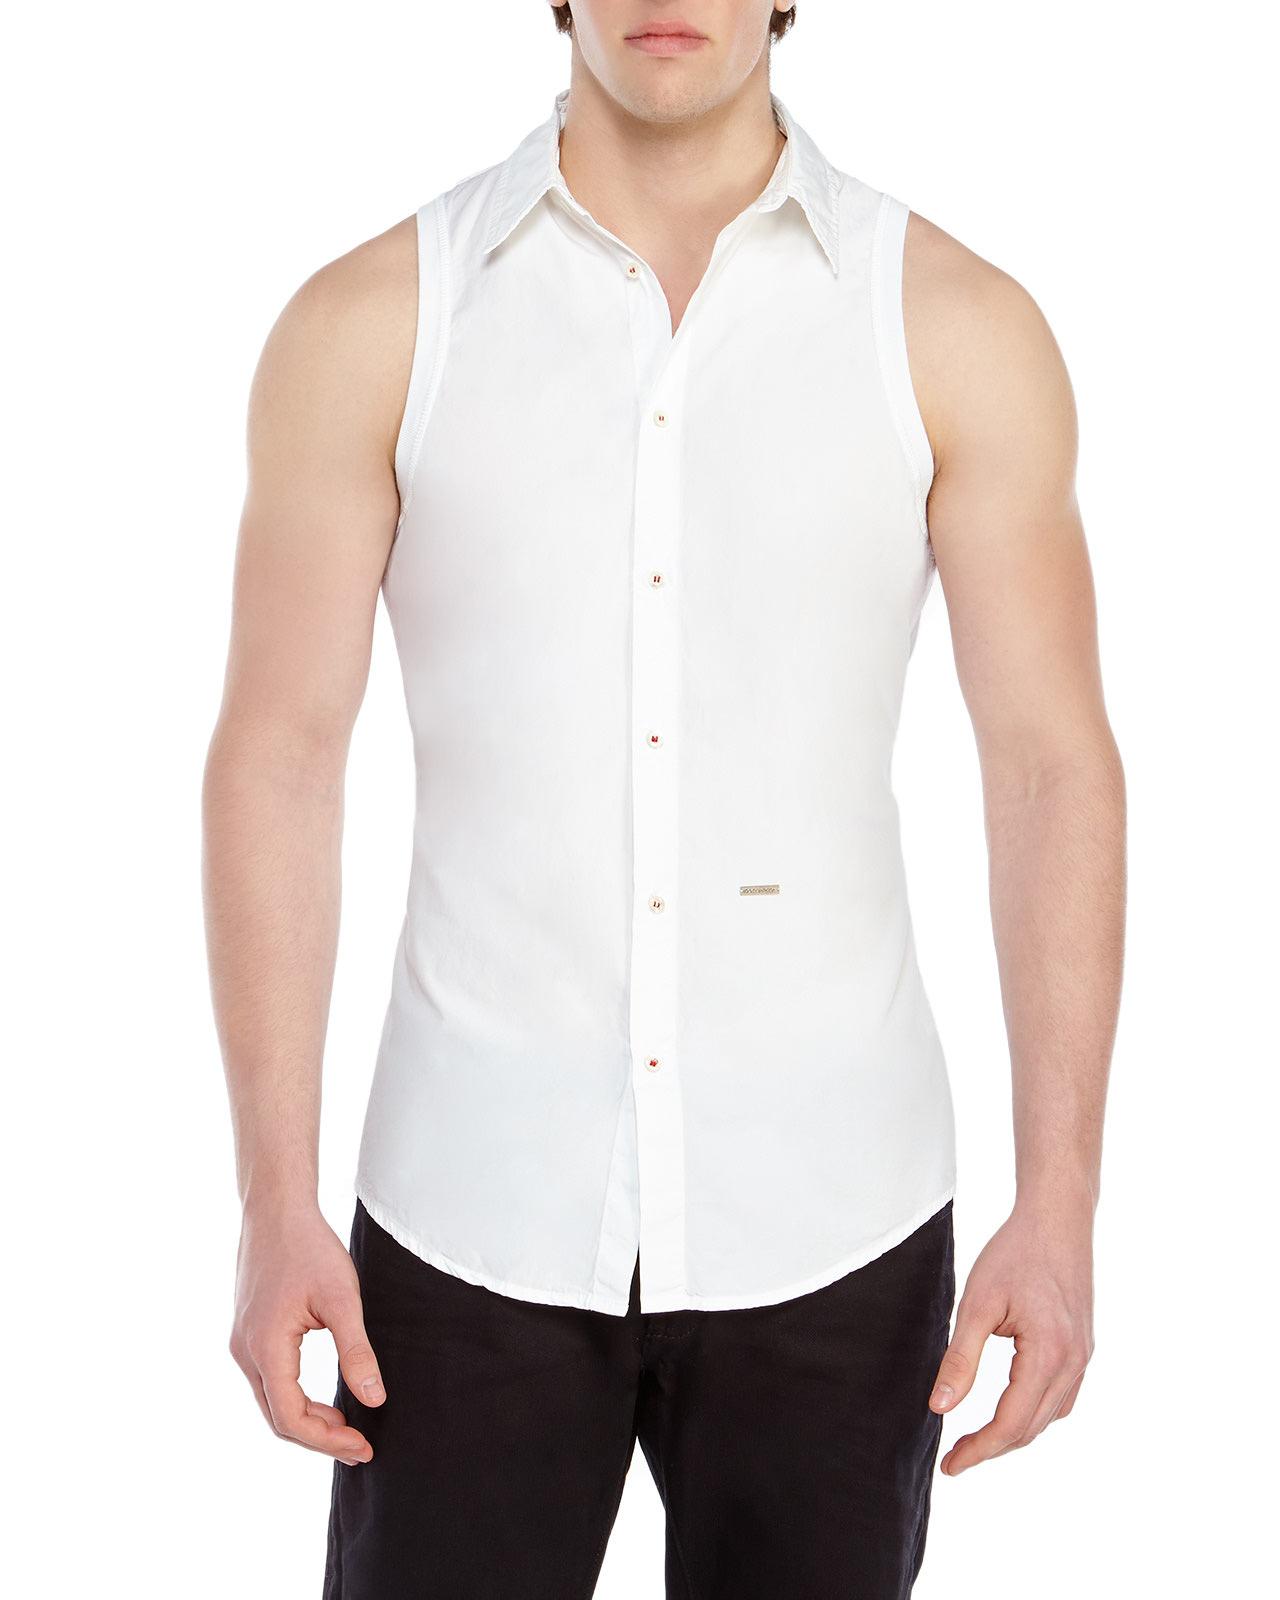 Mens Big And Tall Casual Shirts